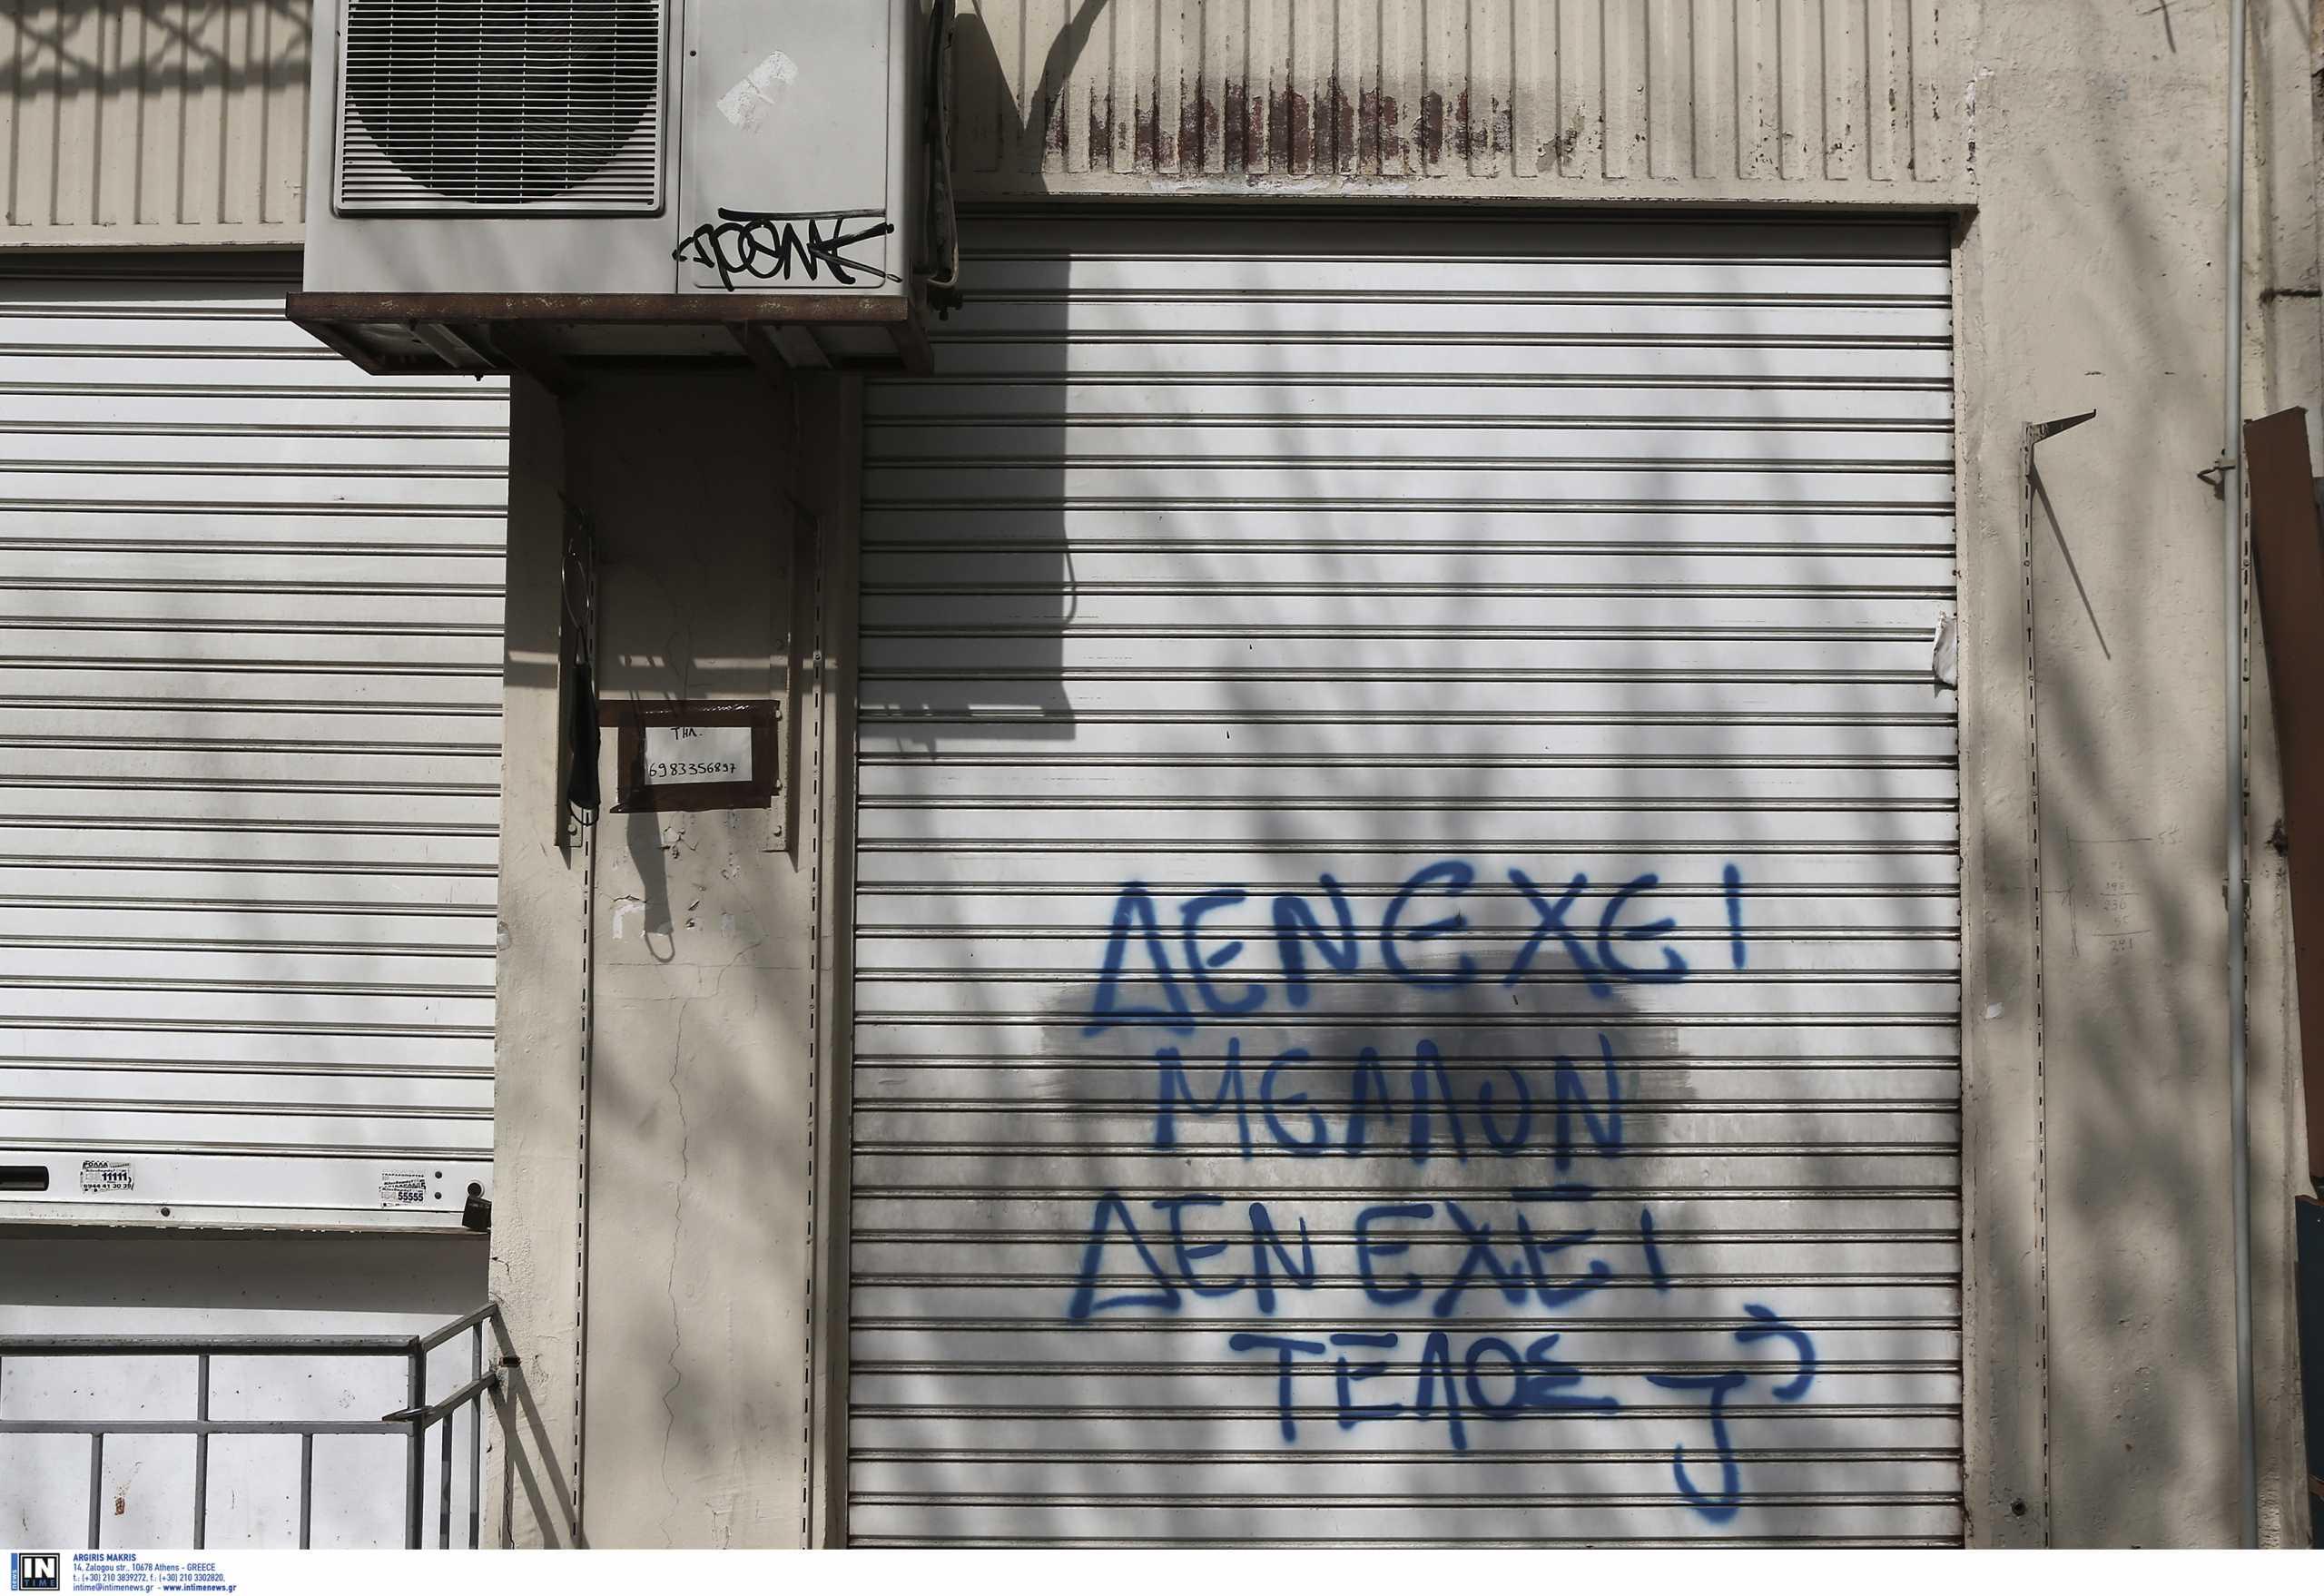 Σαρηγιάννης στο newsit.gr: «Τα κρούσματα μπορεί να παραμείνουν τόσο υψηλά μέχρι και τις 20 Μαρτίου»